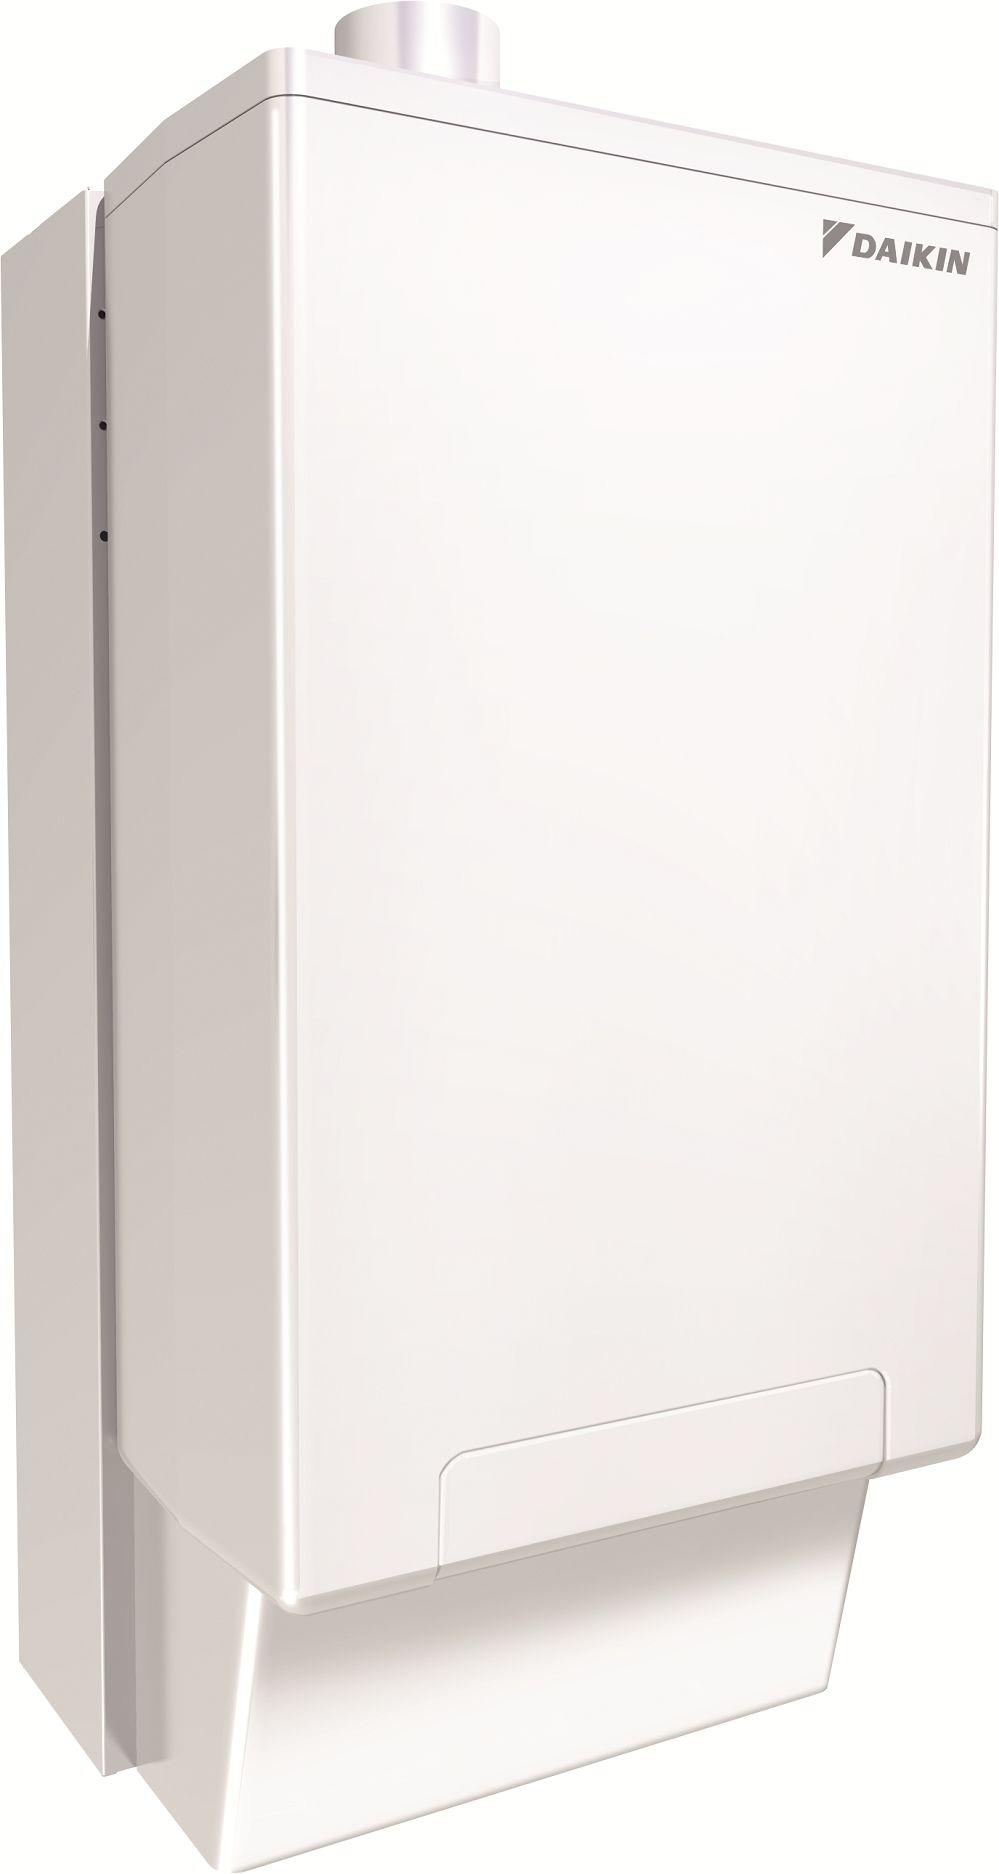 Pompa di calore e caldaia a condensazione commercio for Asciugatrici condensazione o pompa di calore